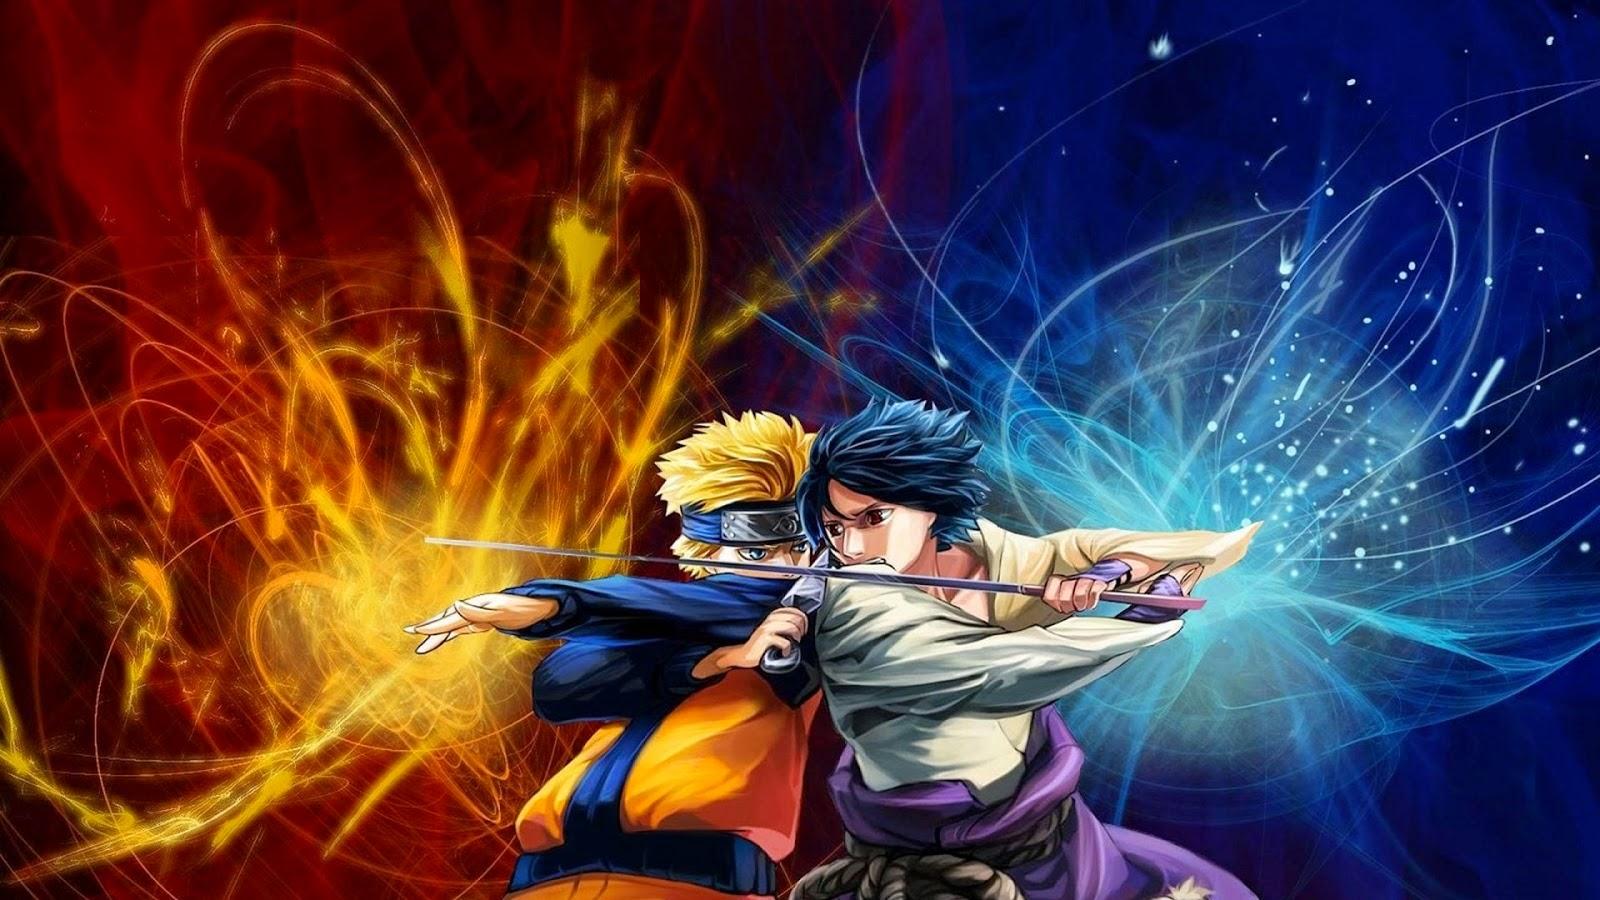 Naruto Wallpaper Hd Campur Campur Blog